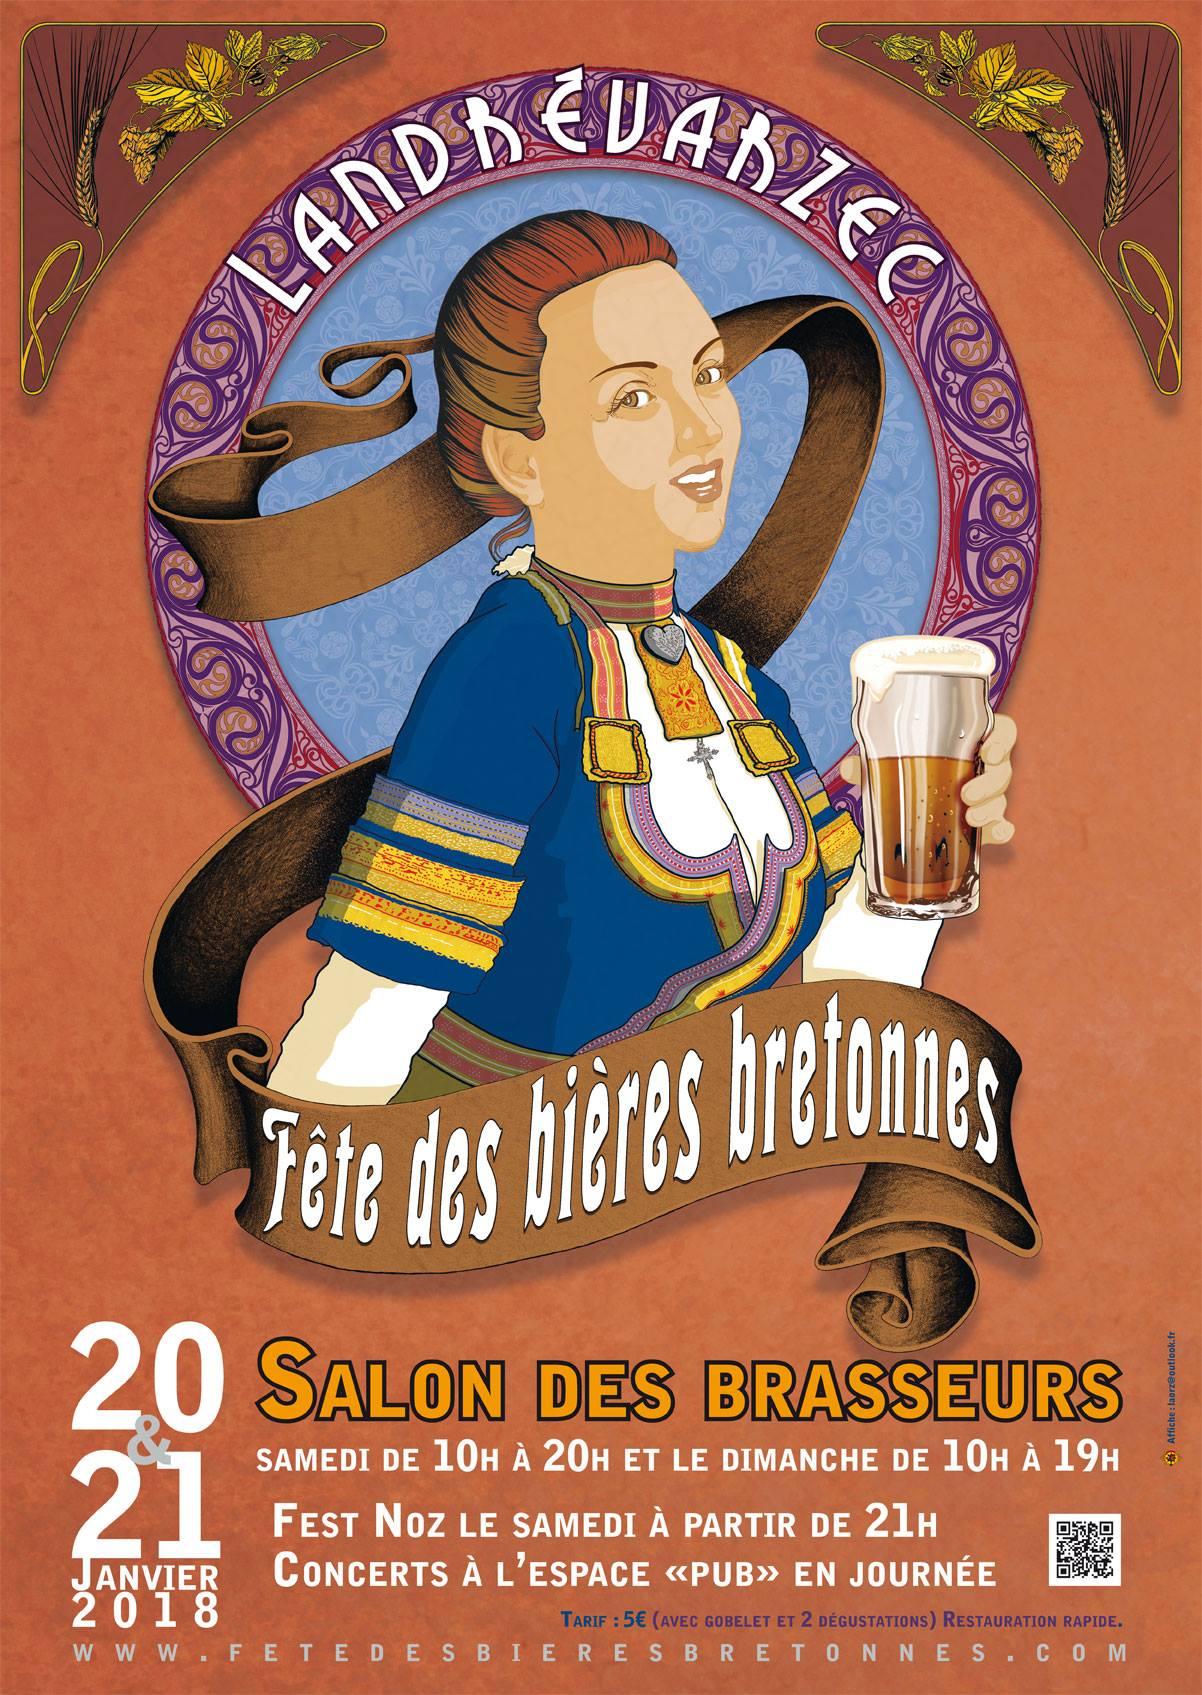 Affiche Fête des bières bretonnes de Landrévarzec Janvier 2018